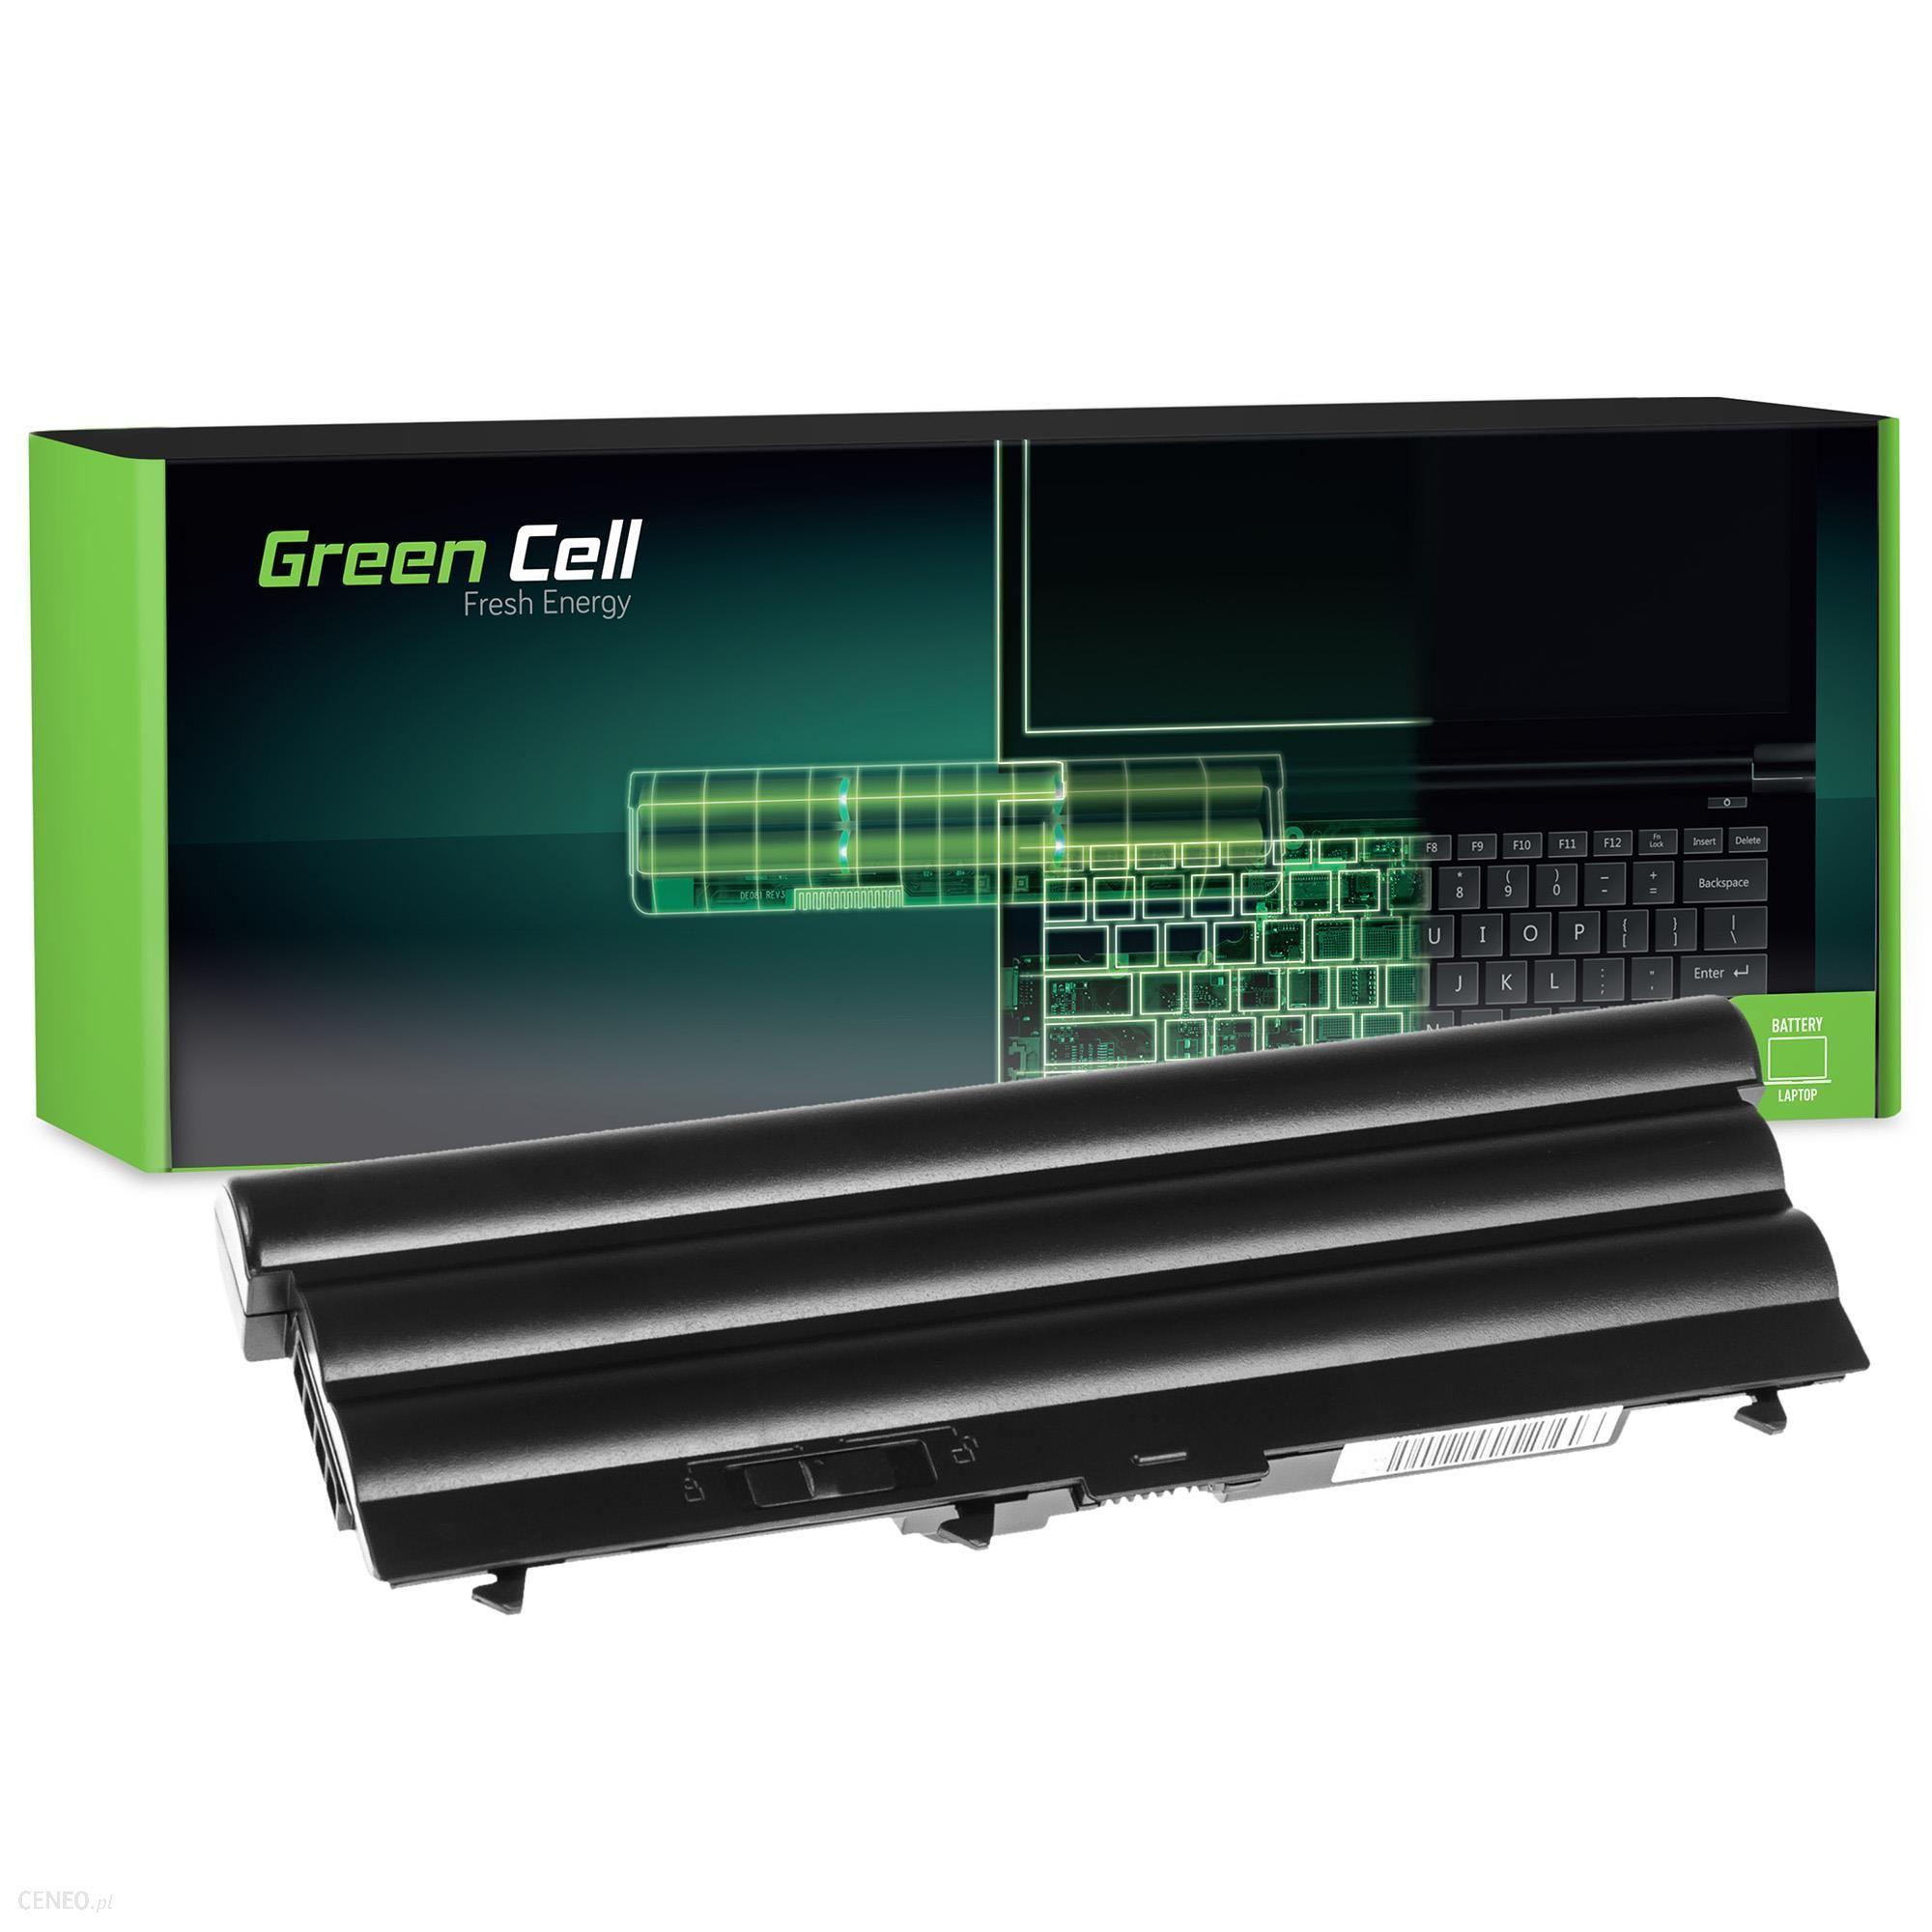 Bateria Lenovo ThinkPad T510 5584 8787 Duża